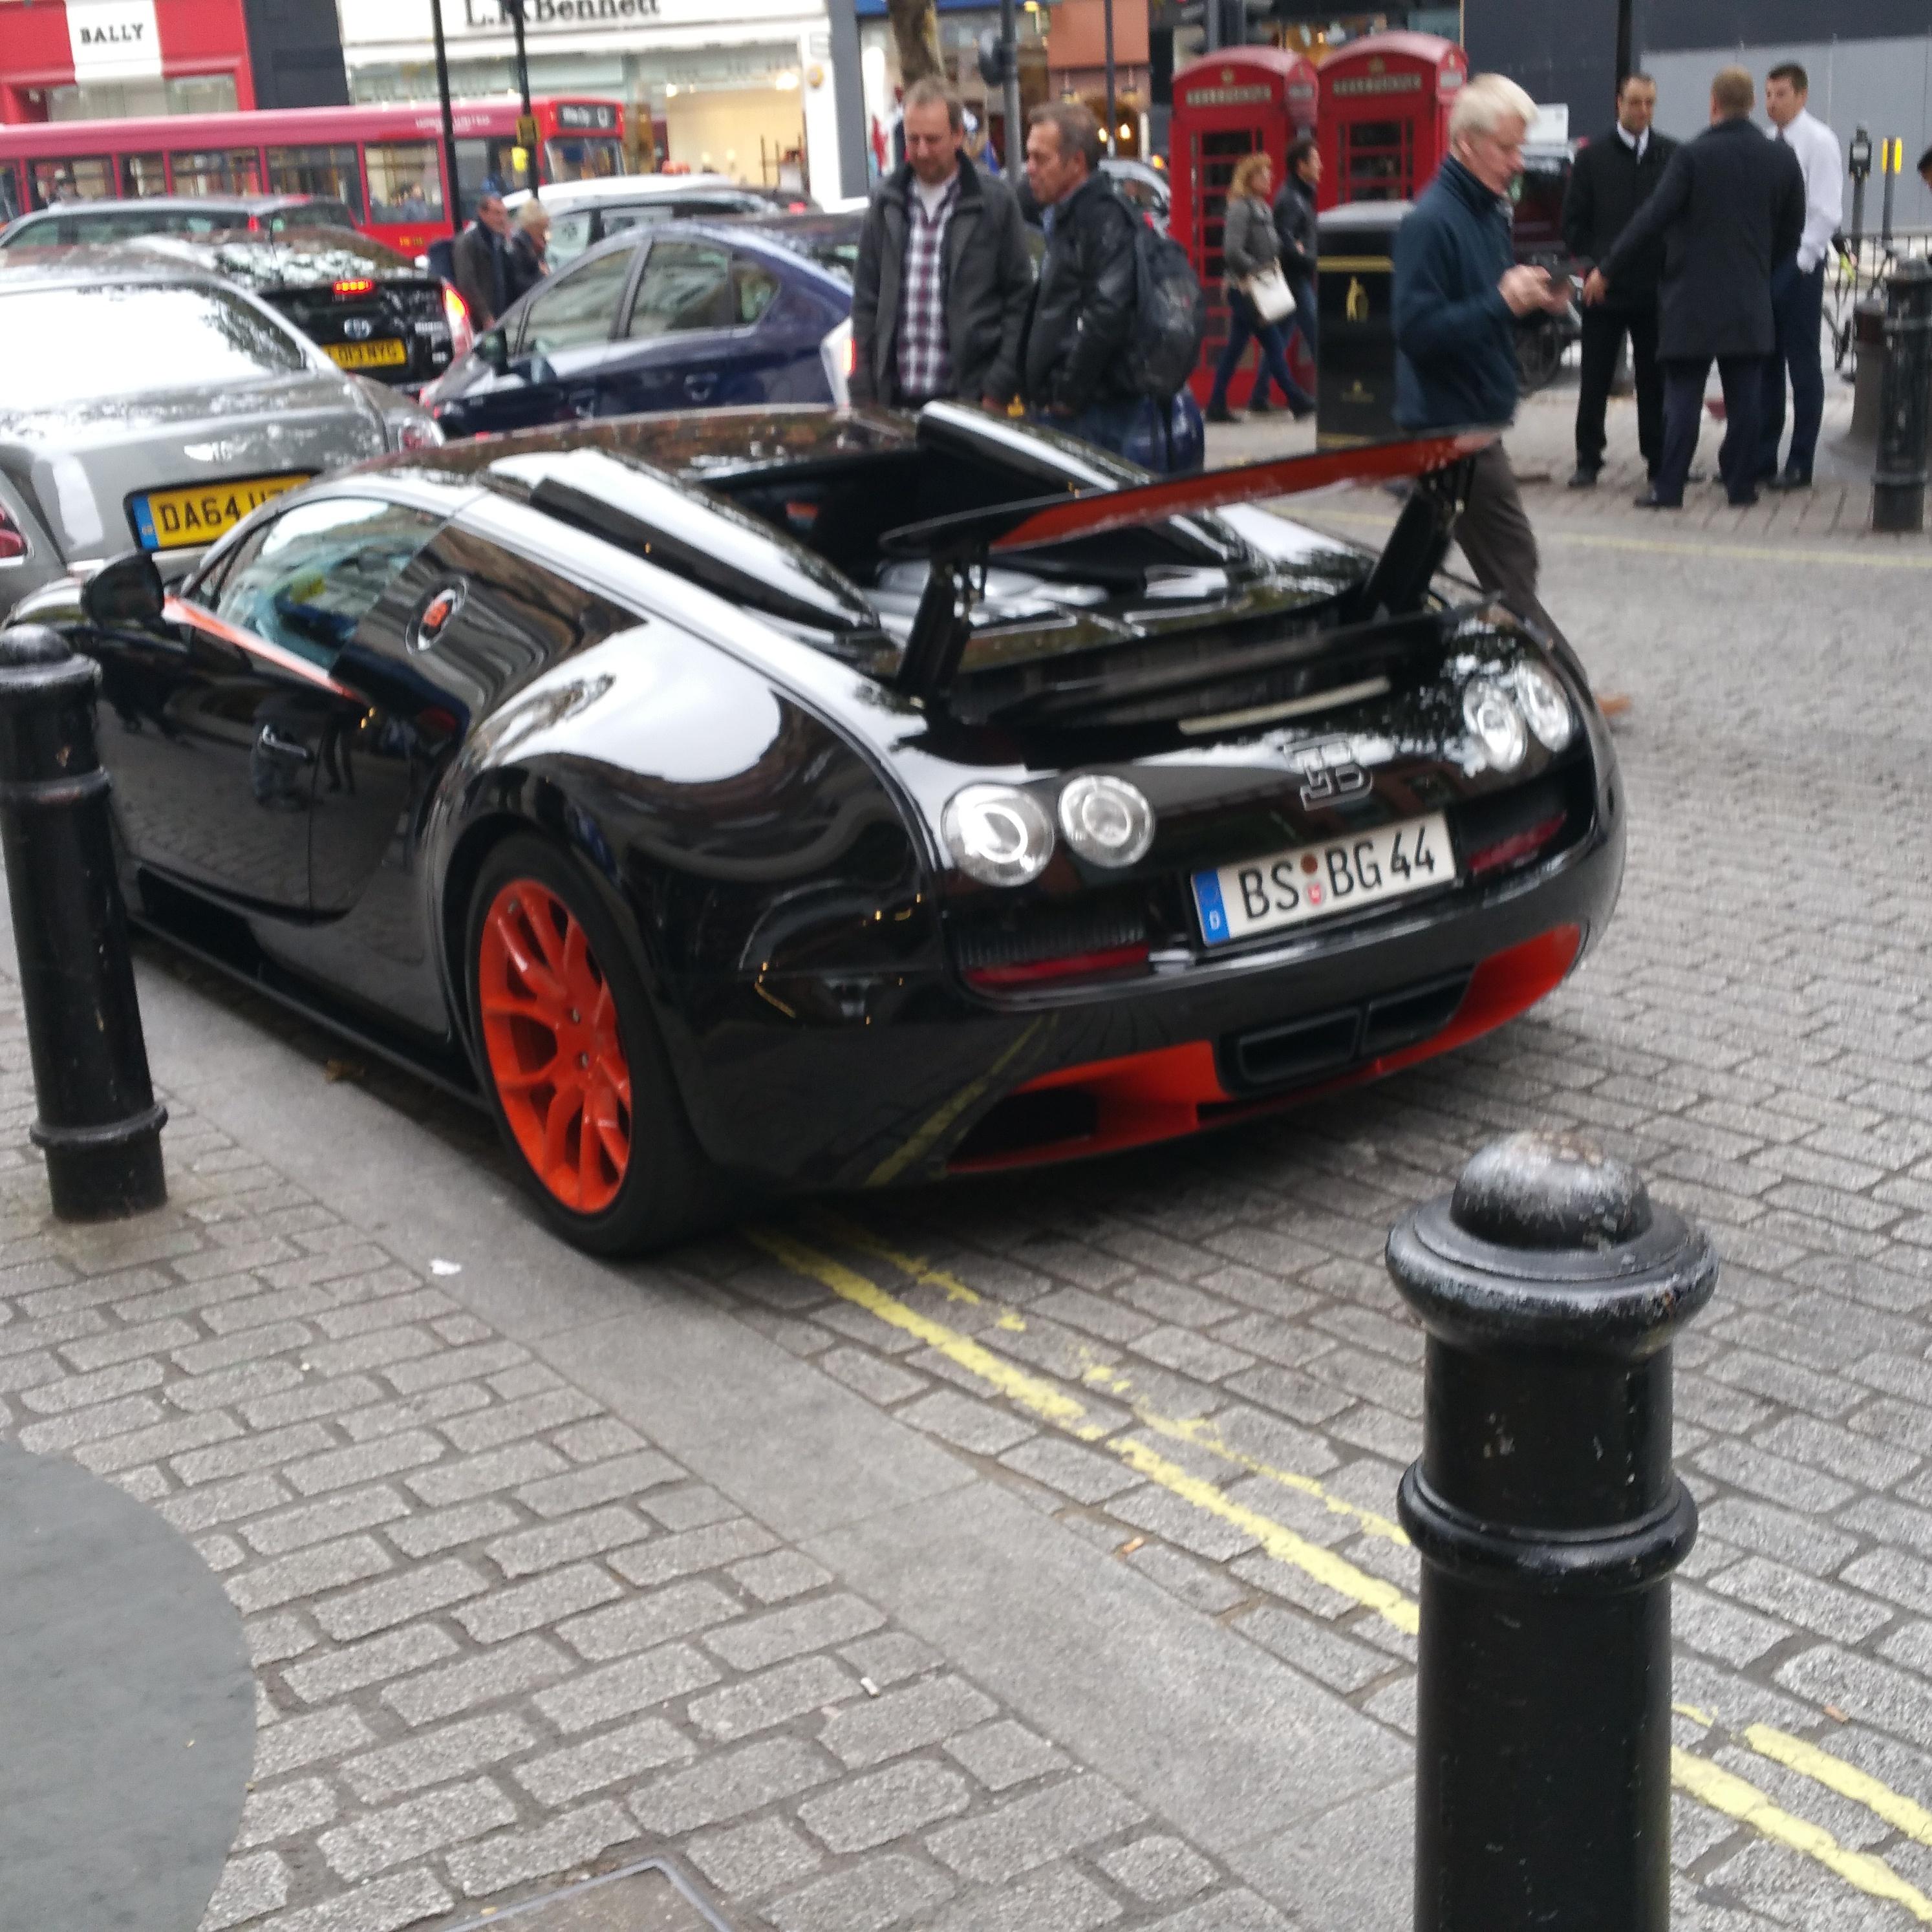 Bugatti Veyron 16 4 Grand Sport Vitesse: Bugatti Veyron 16.4 Grand Sport Vitesse In London